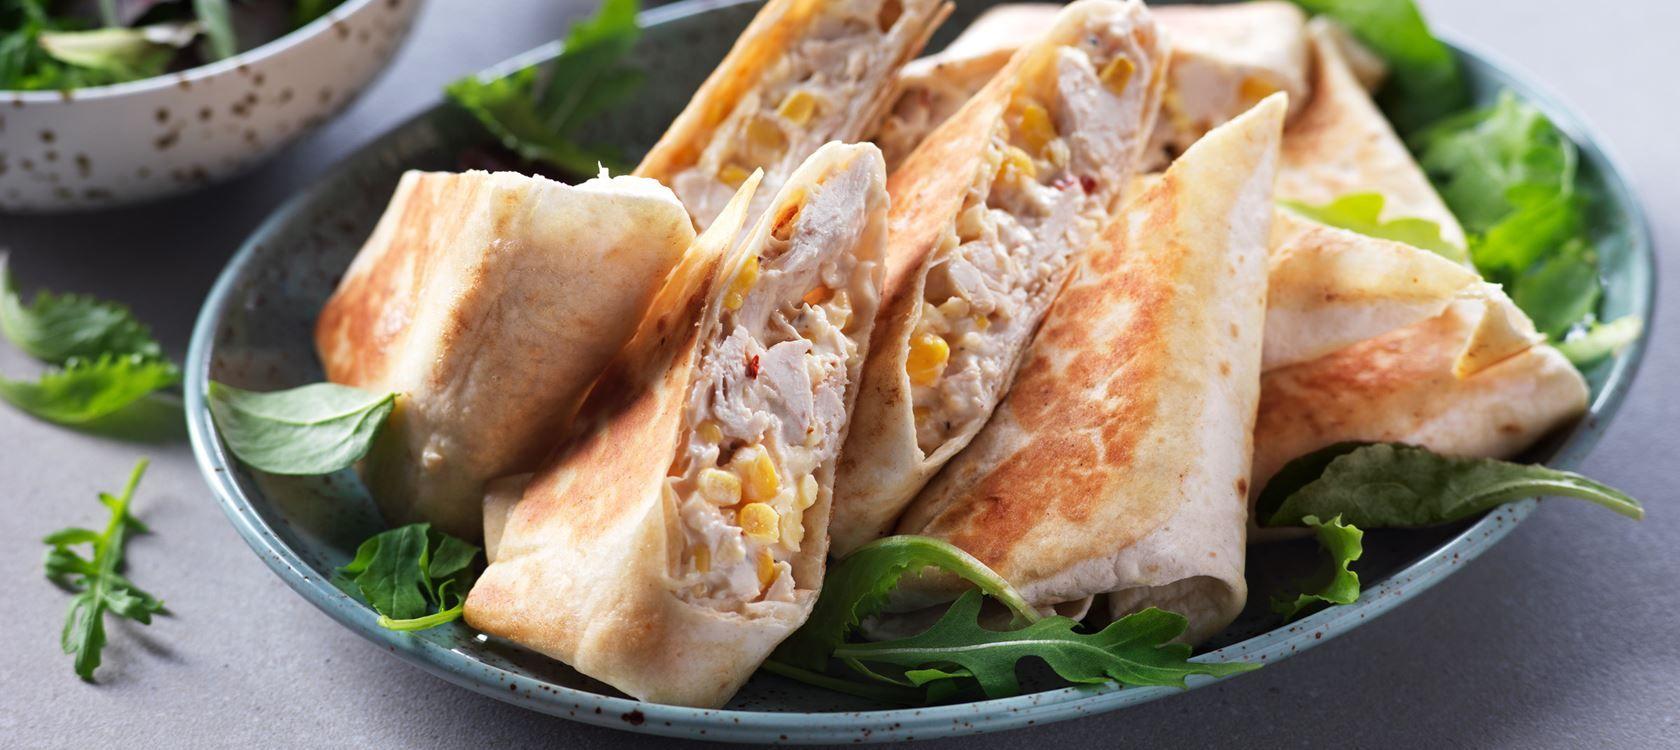 Burrito Med Kyckling Recept Arla Burritos Mat Och Kyckling